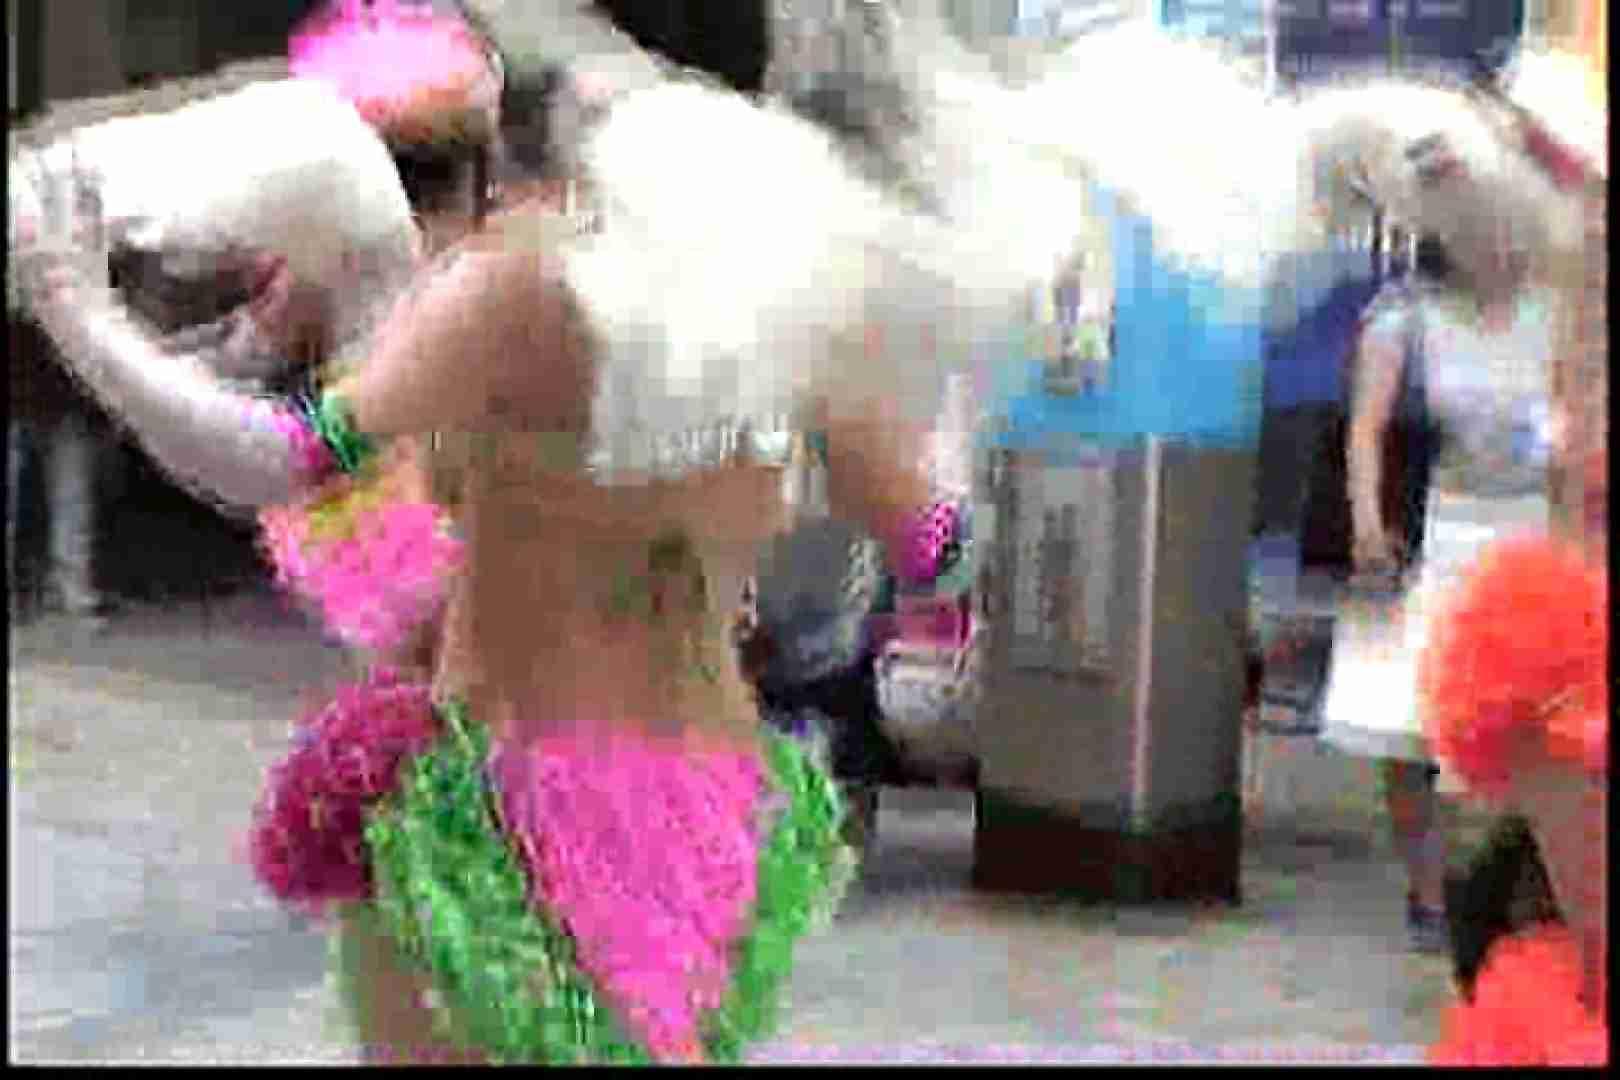 狂乱のサンバカーニバルVol.4 ギャルエロ画像 AV無料動画キャプチャ 113PICs 89